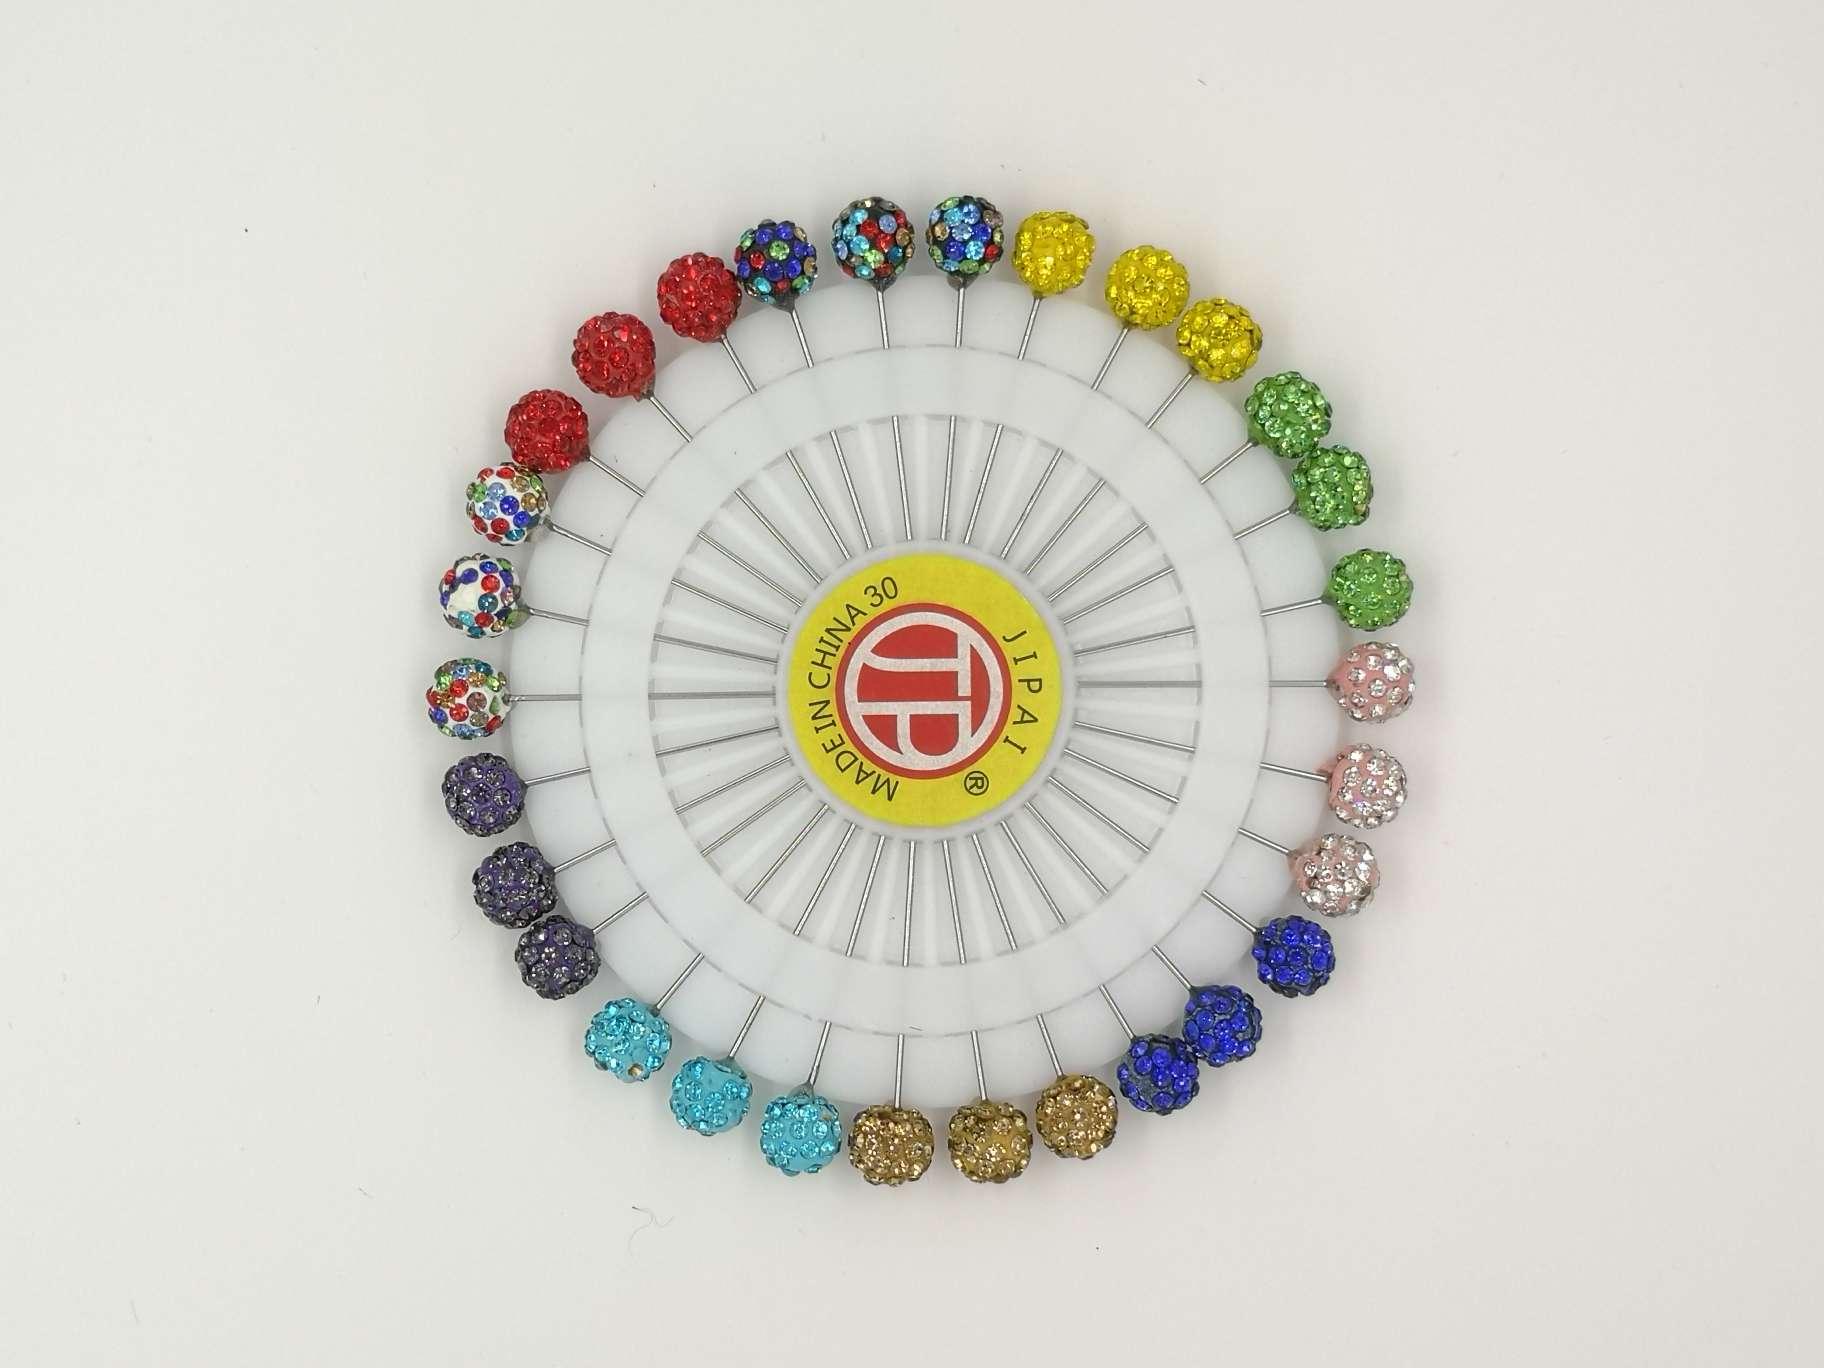 新款定位针珠光珍珠彩色防锈精品钻石服装固定针珍珠针插包工具